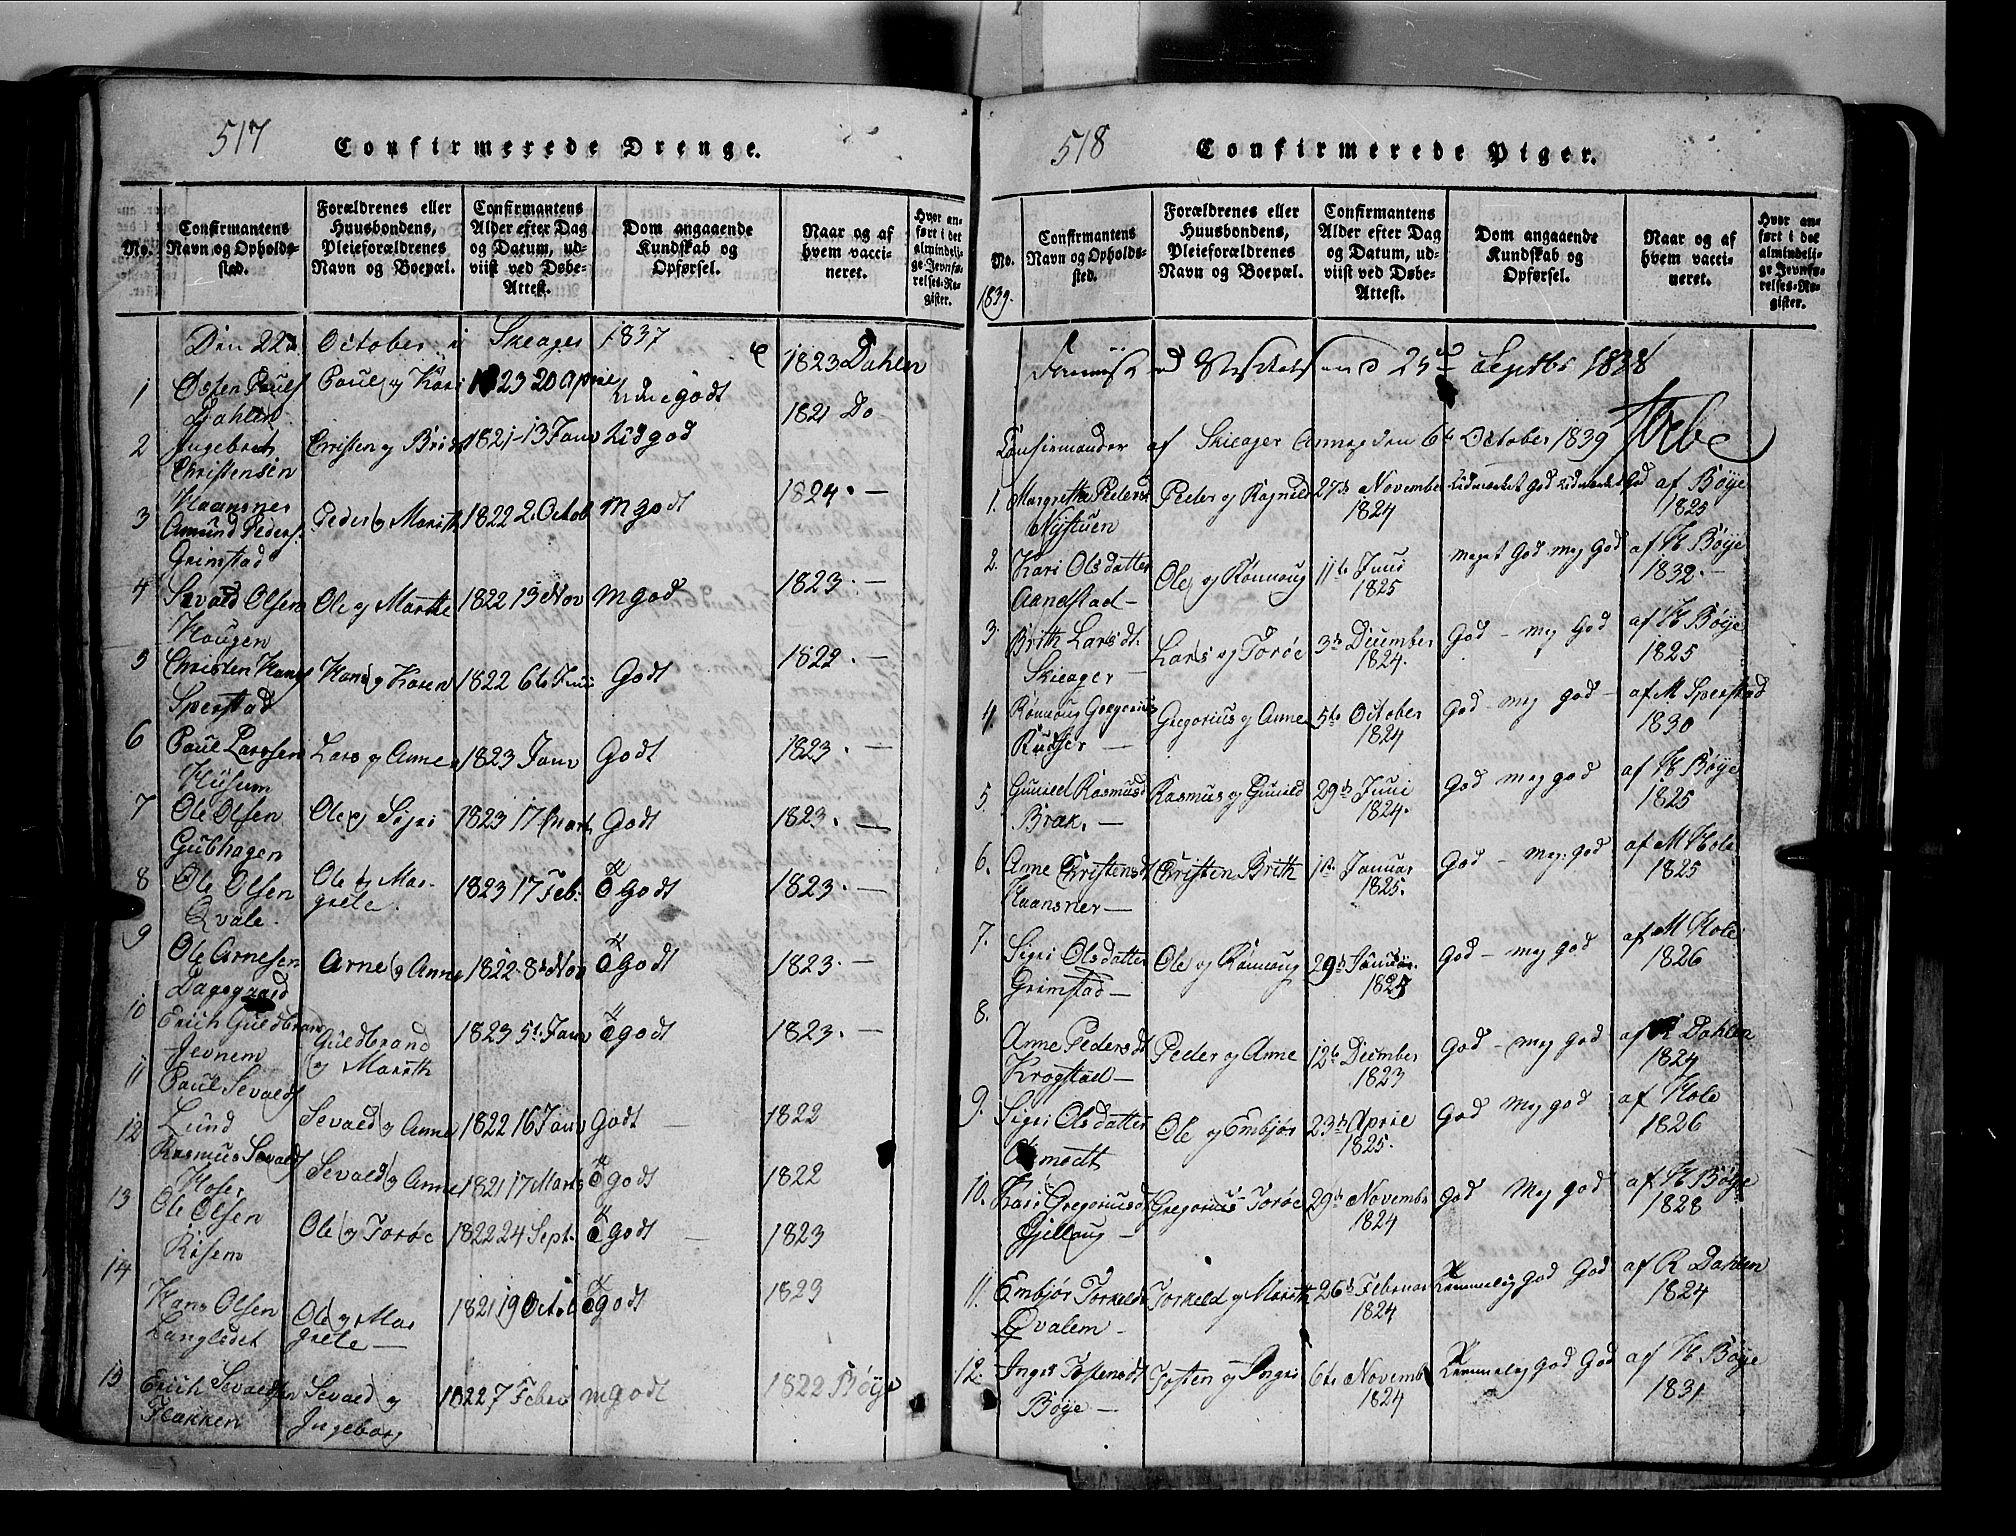 SAH, Lom prestekontor, L/L0003: Klokkerbok nr. 3, 1815-1844, s. 517-518